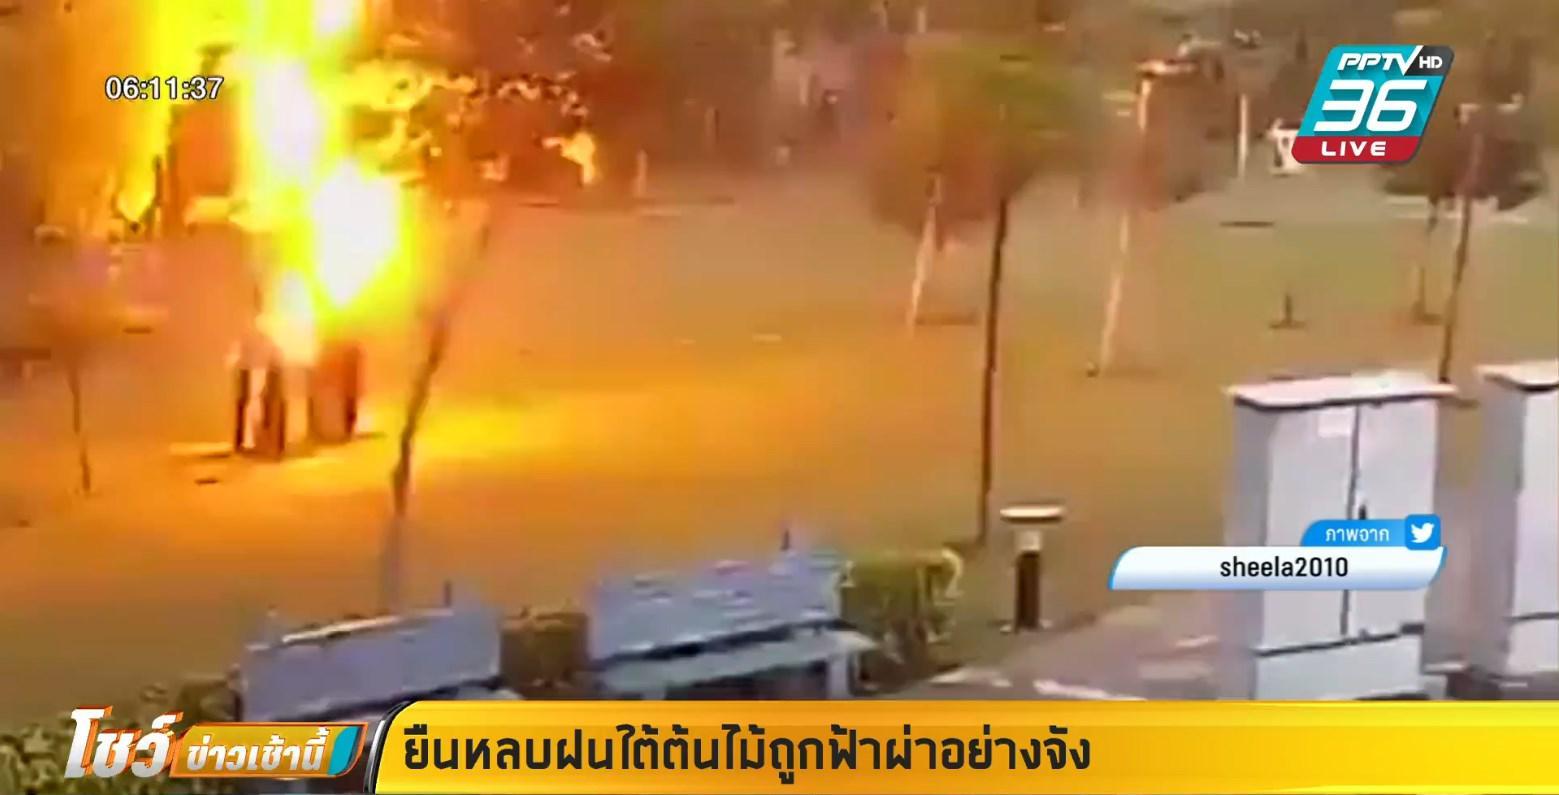 4 หนุ่มถูกฟ้าผ่า หลัง ยืนหลบฝนใต้ต้นไม้